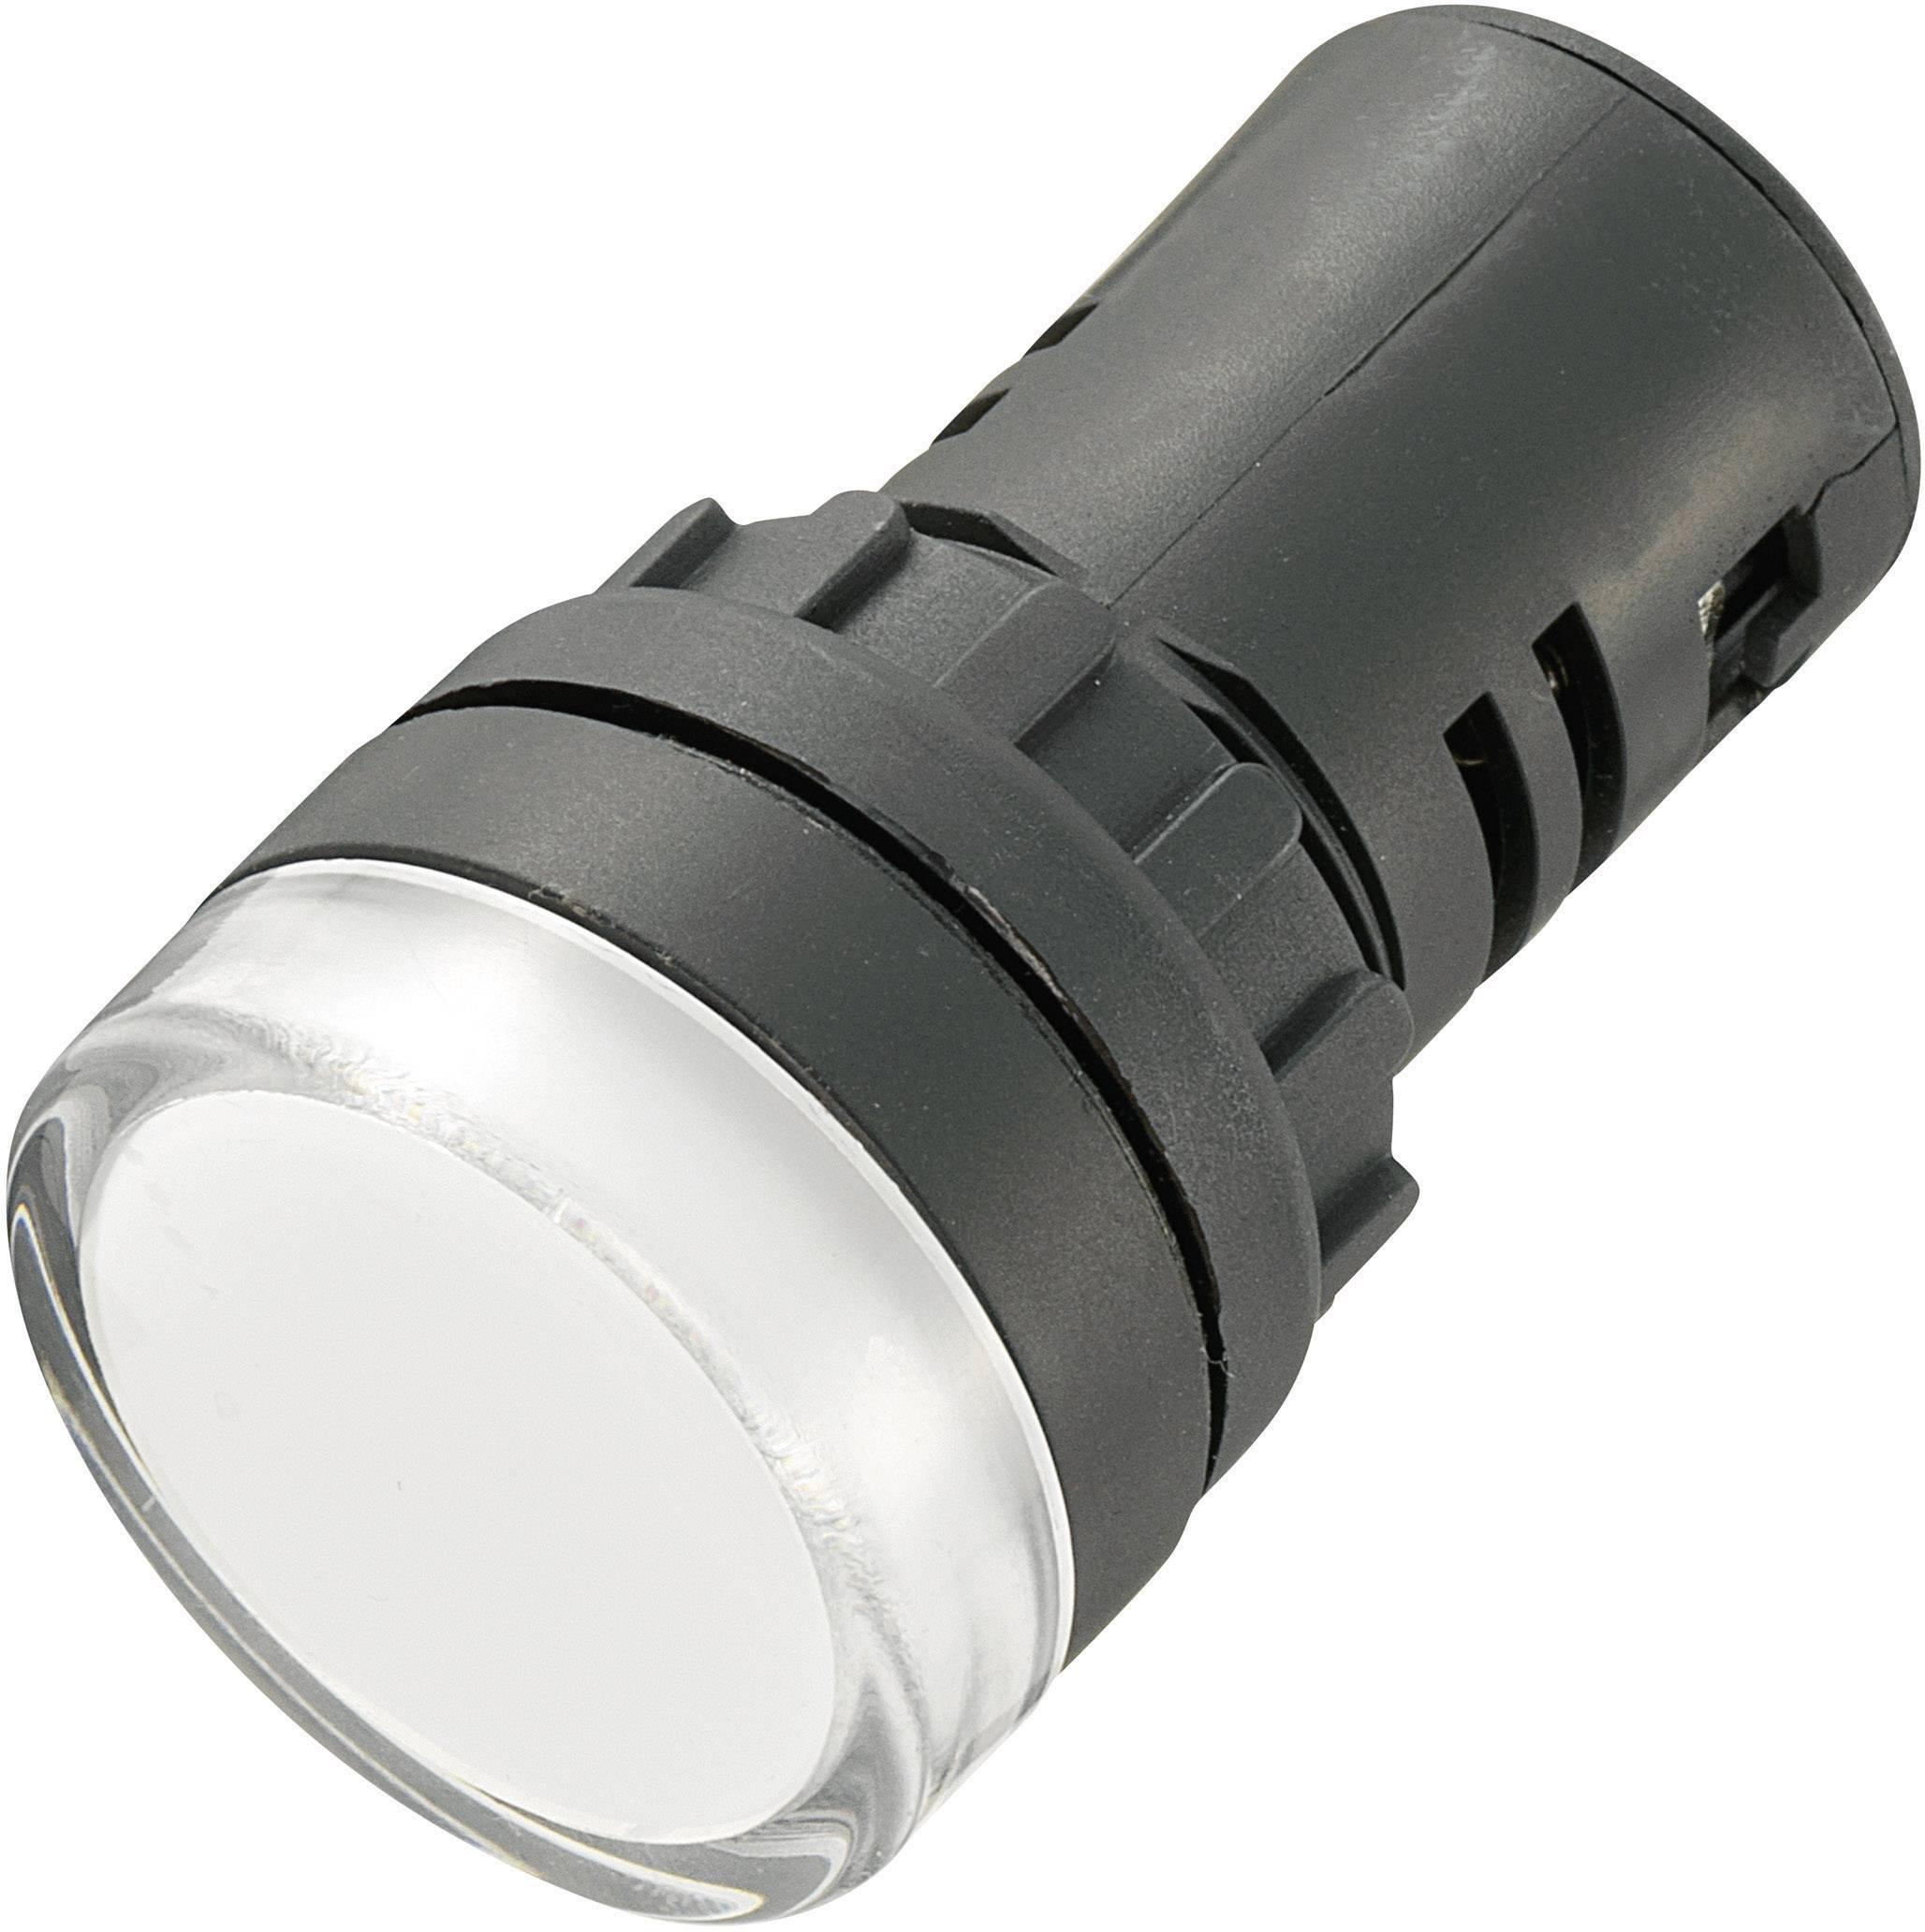 LED signálka AD16-22DS/24V/W, LED signálka, 24 V/DC / 24 V/AC, bílá